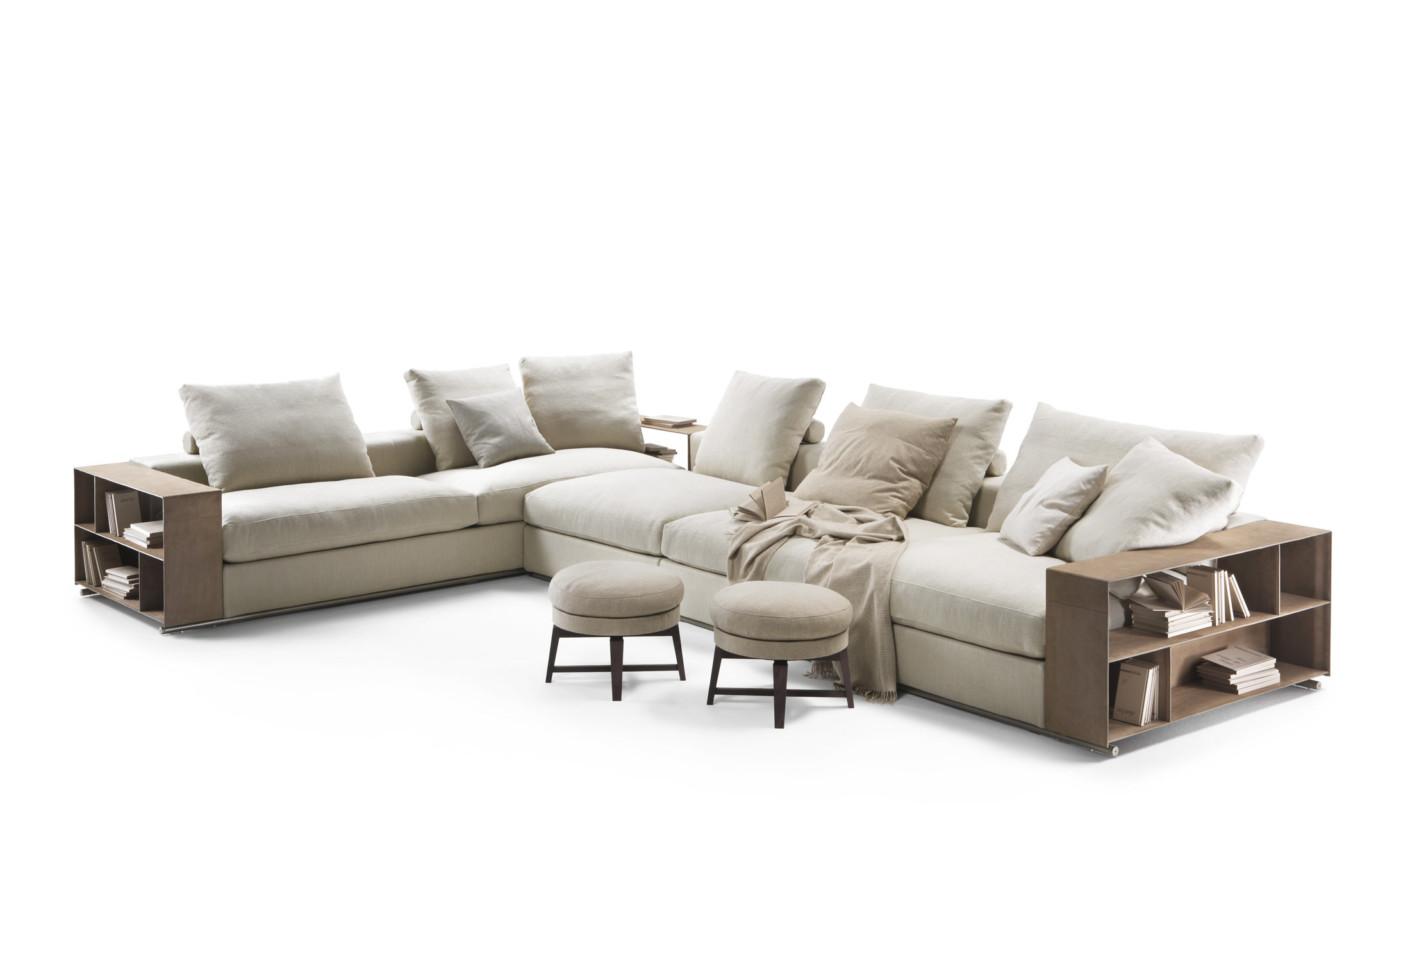 groundpiece ecksofa von flexform stylepark. Black Bedroom Furniture Sets. Home Design Ideas